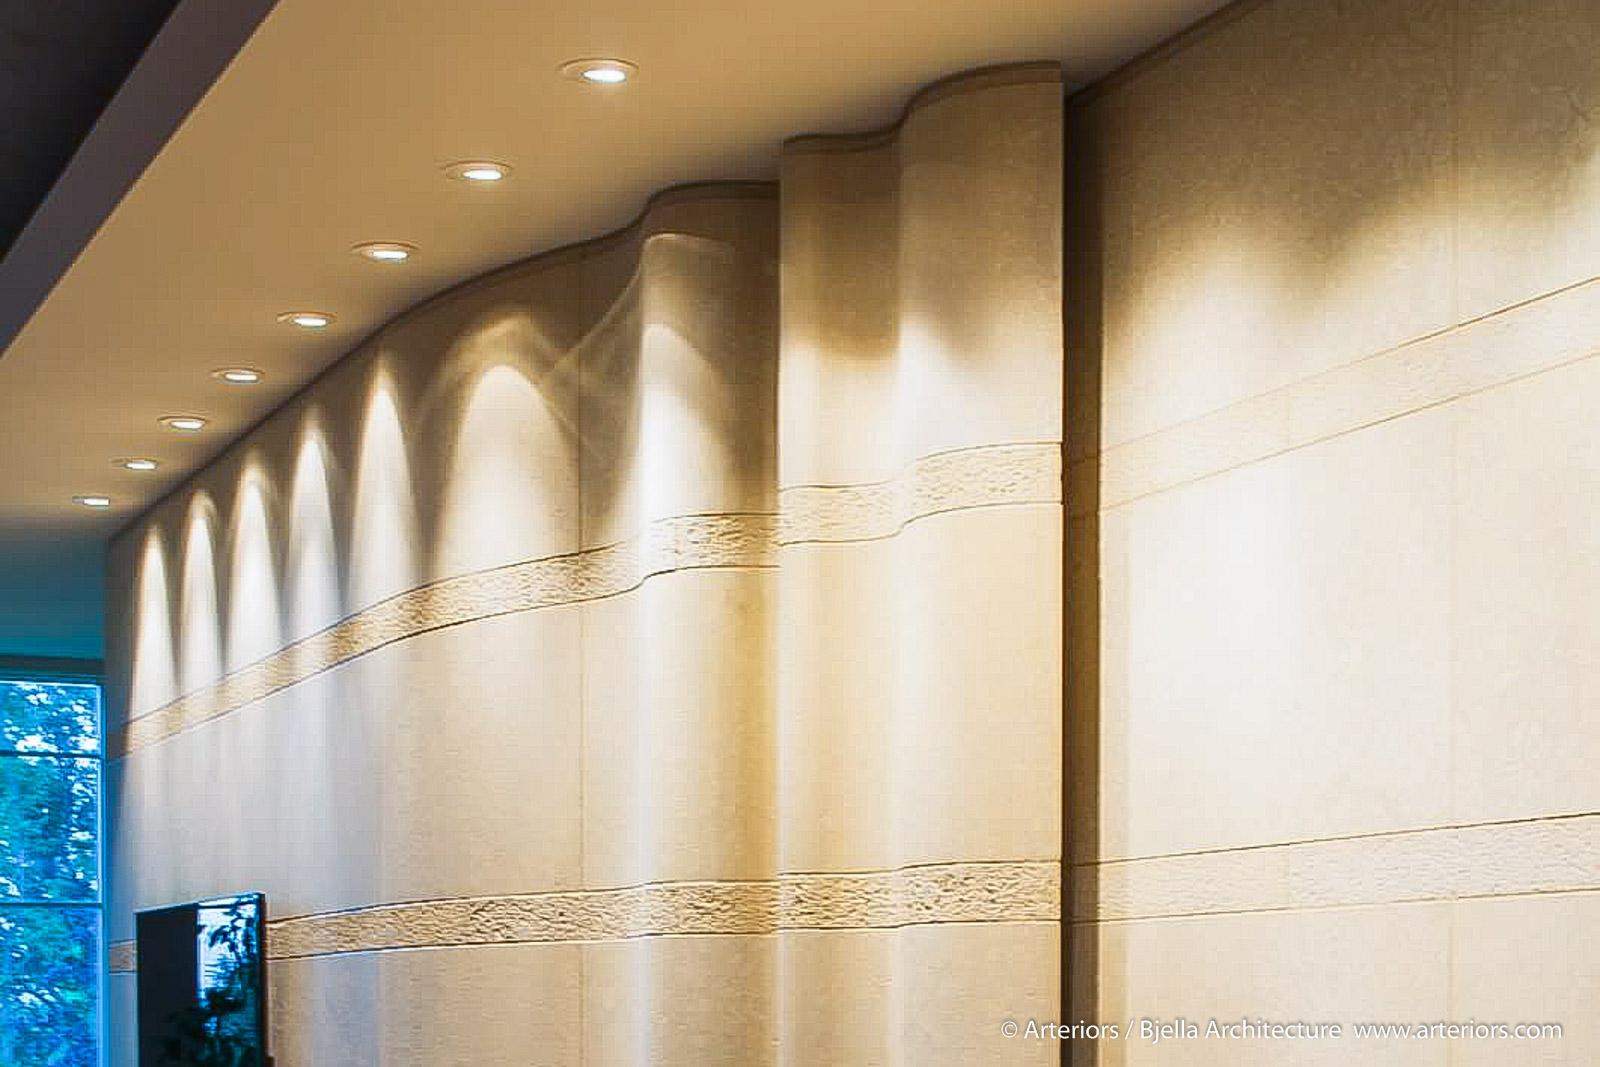 Undulating Stone Wall by Tim Bjella of Arteriors Architects